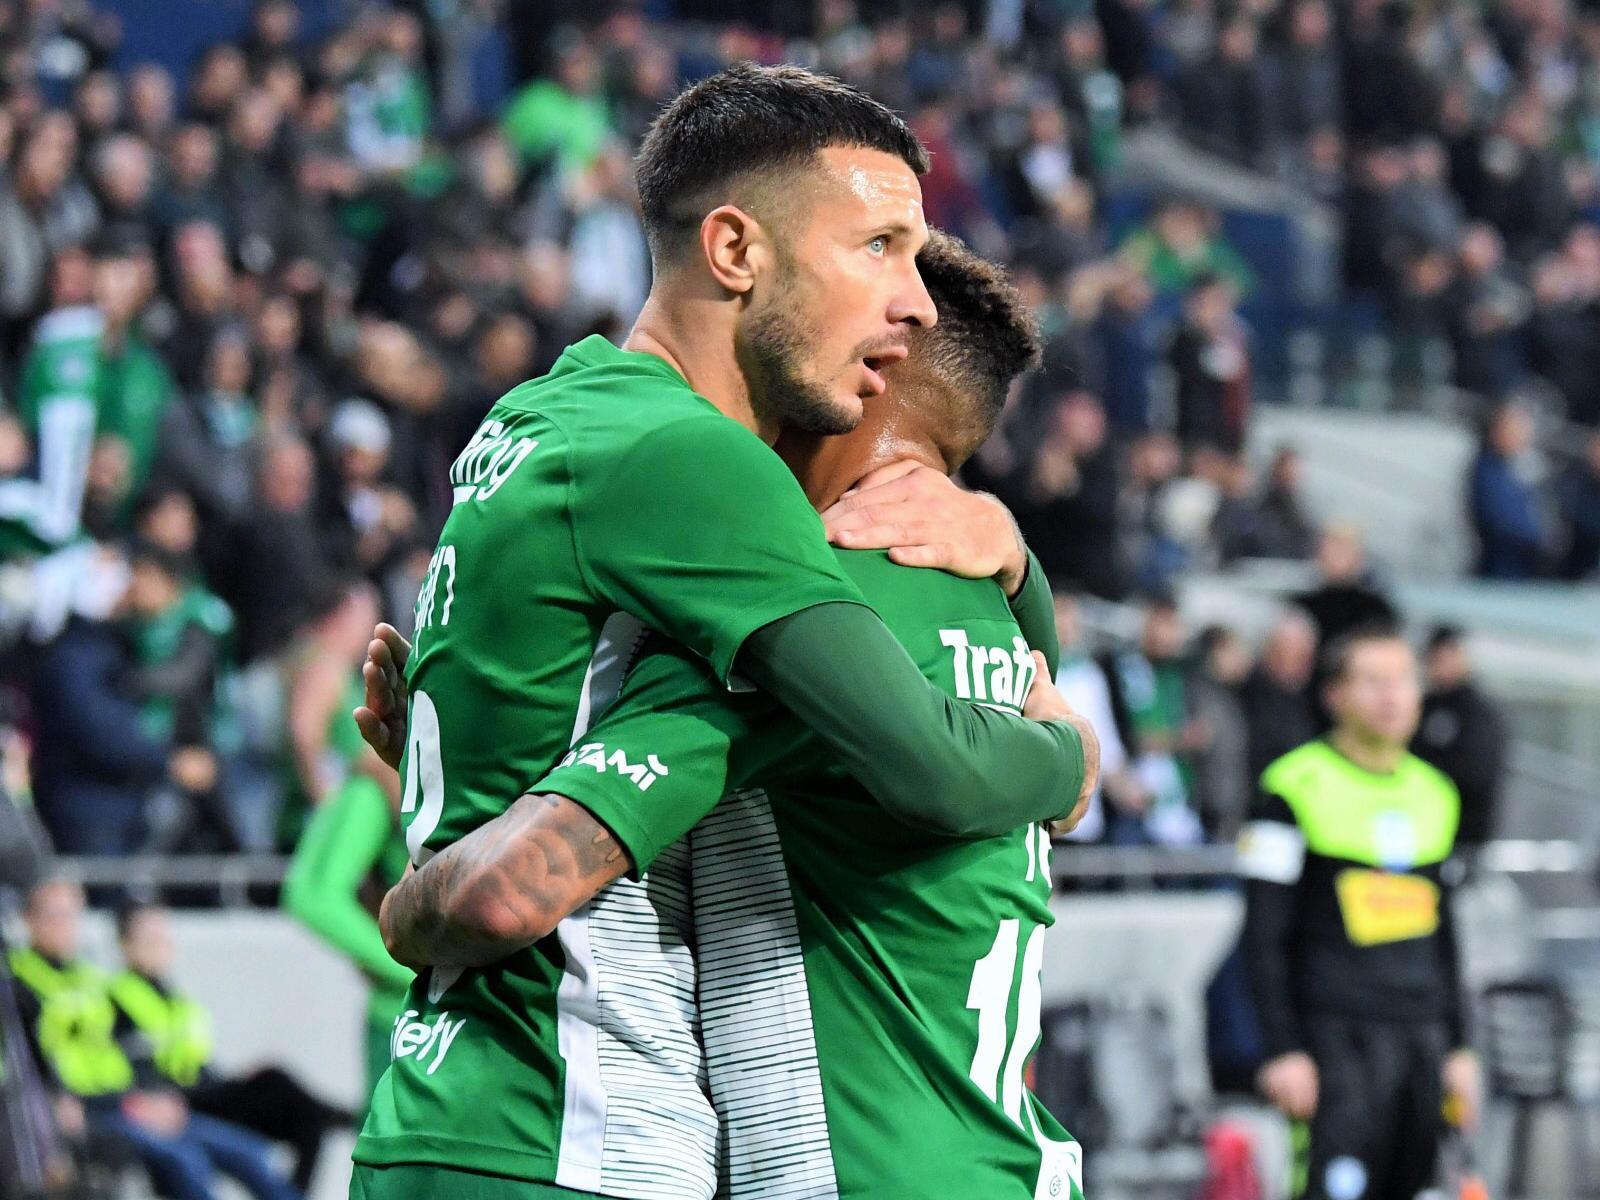 Maccabi defeats Ness Ziona 4:0